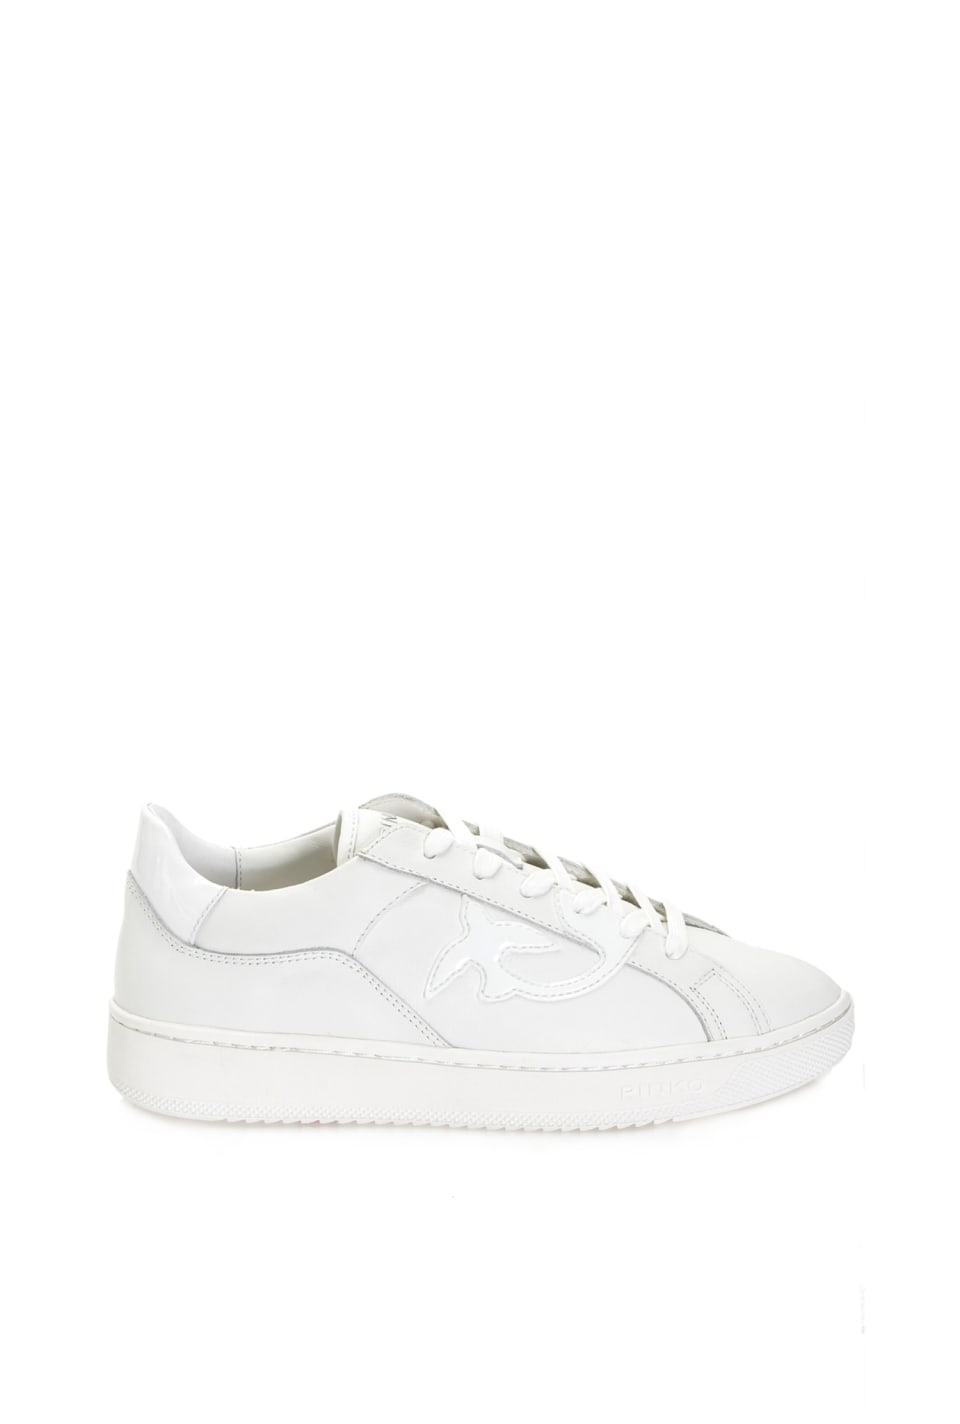 平底皮革运动鞋